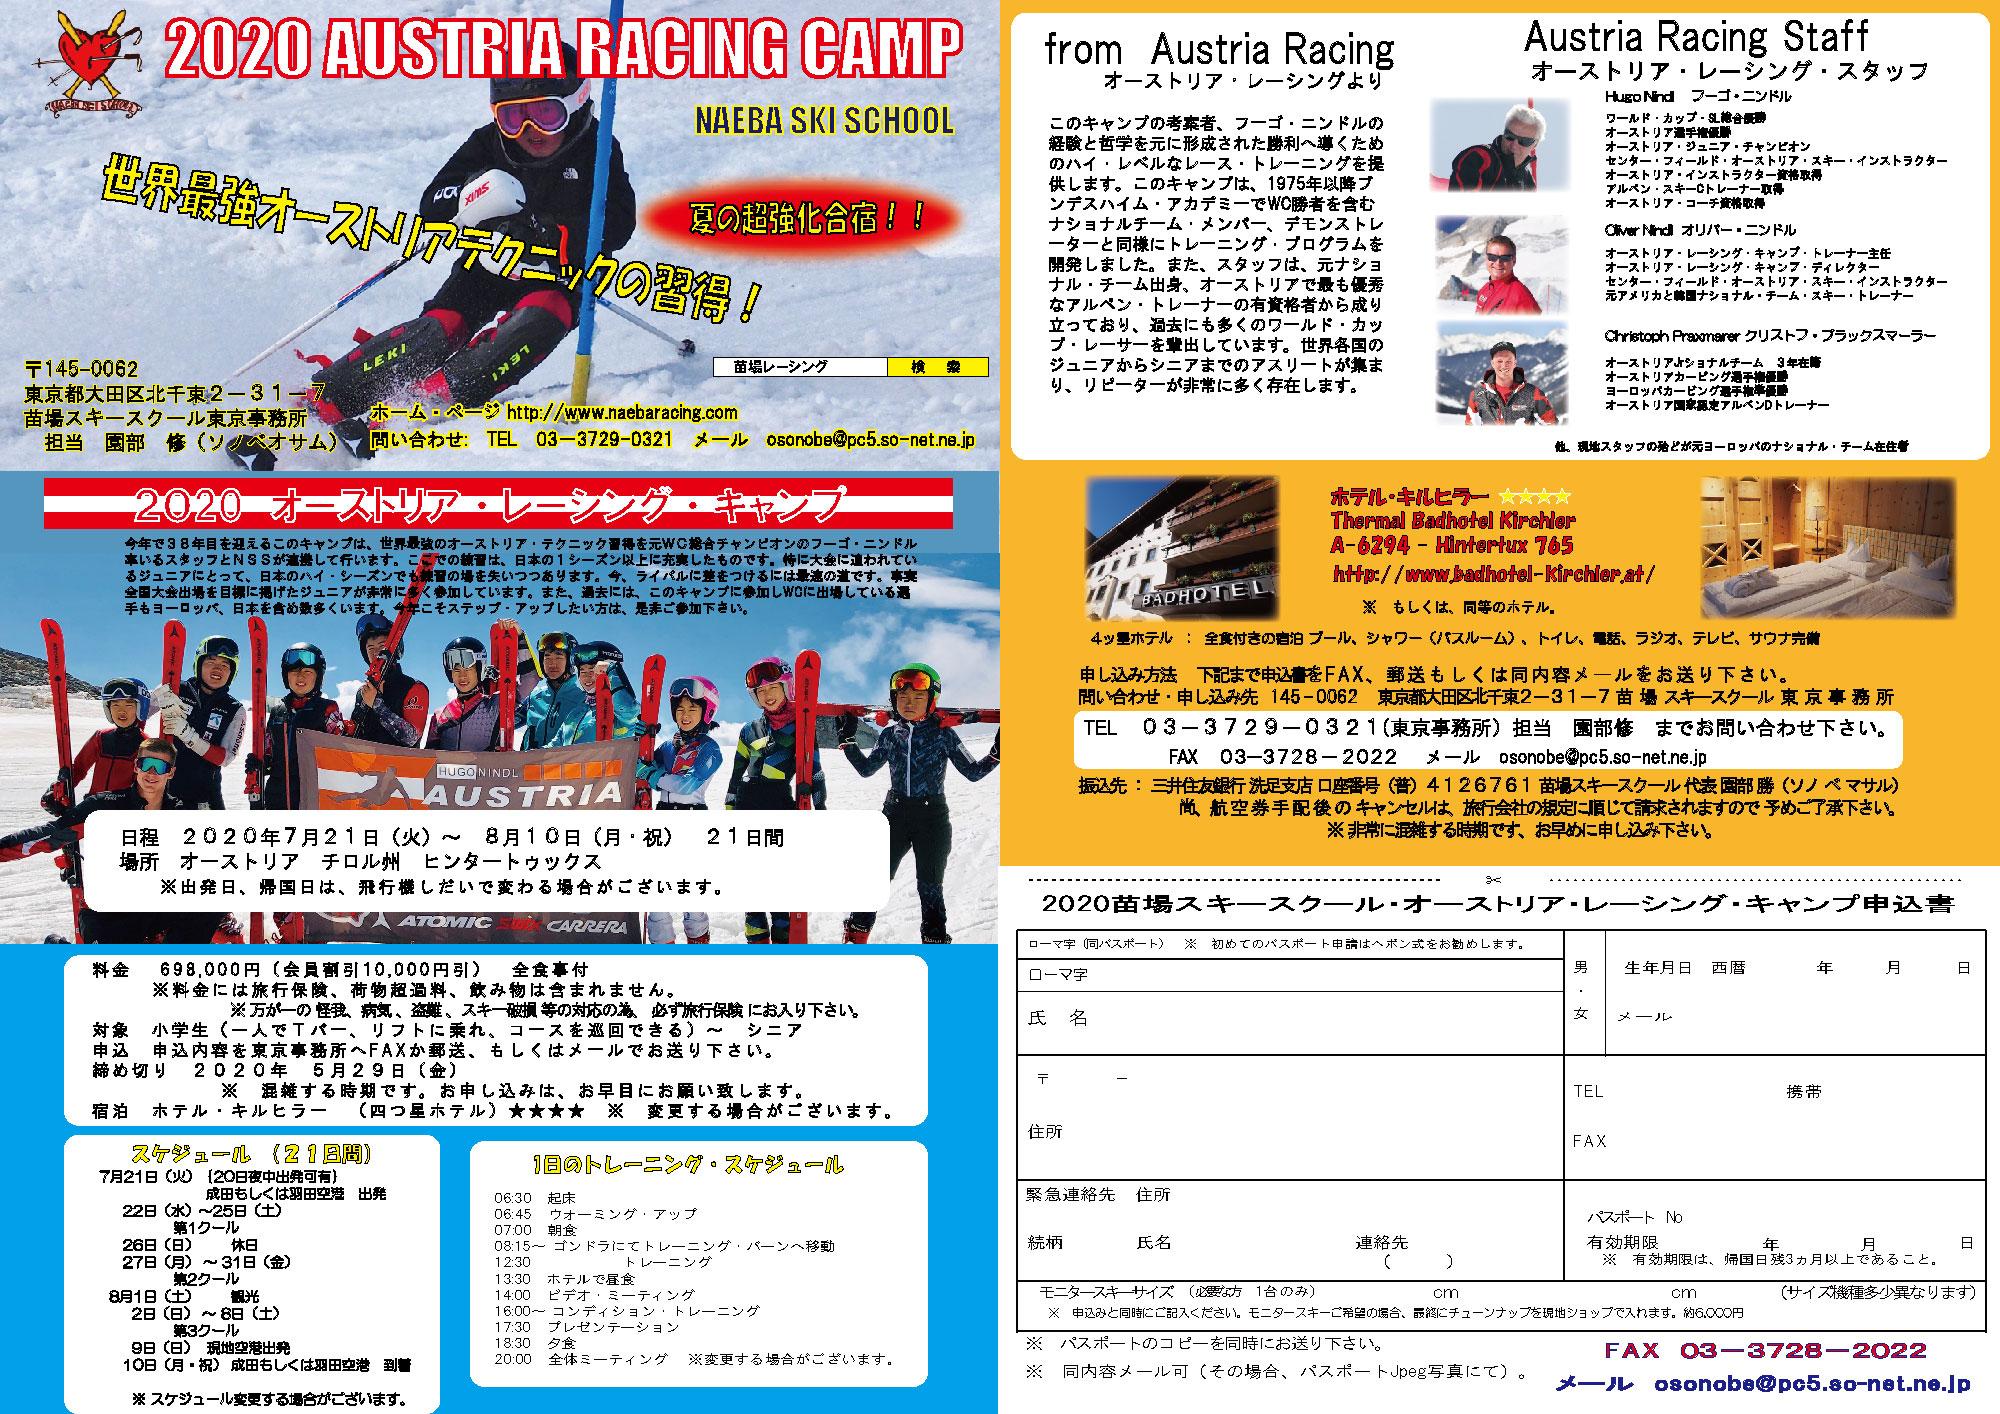 2020オーストリア・レーシング・キャンプ1